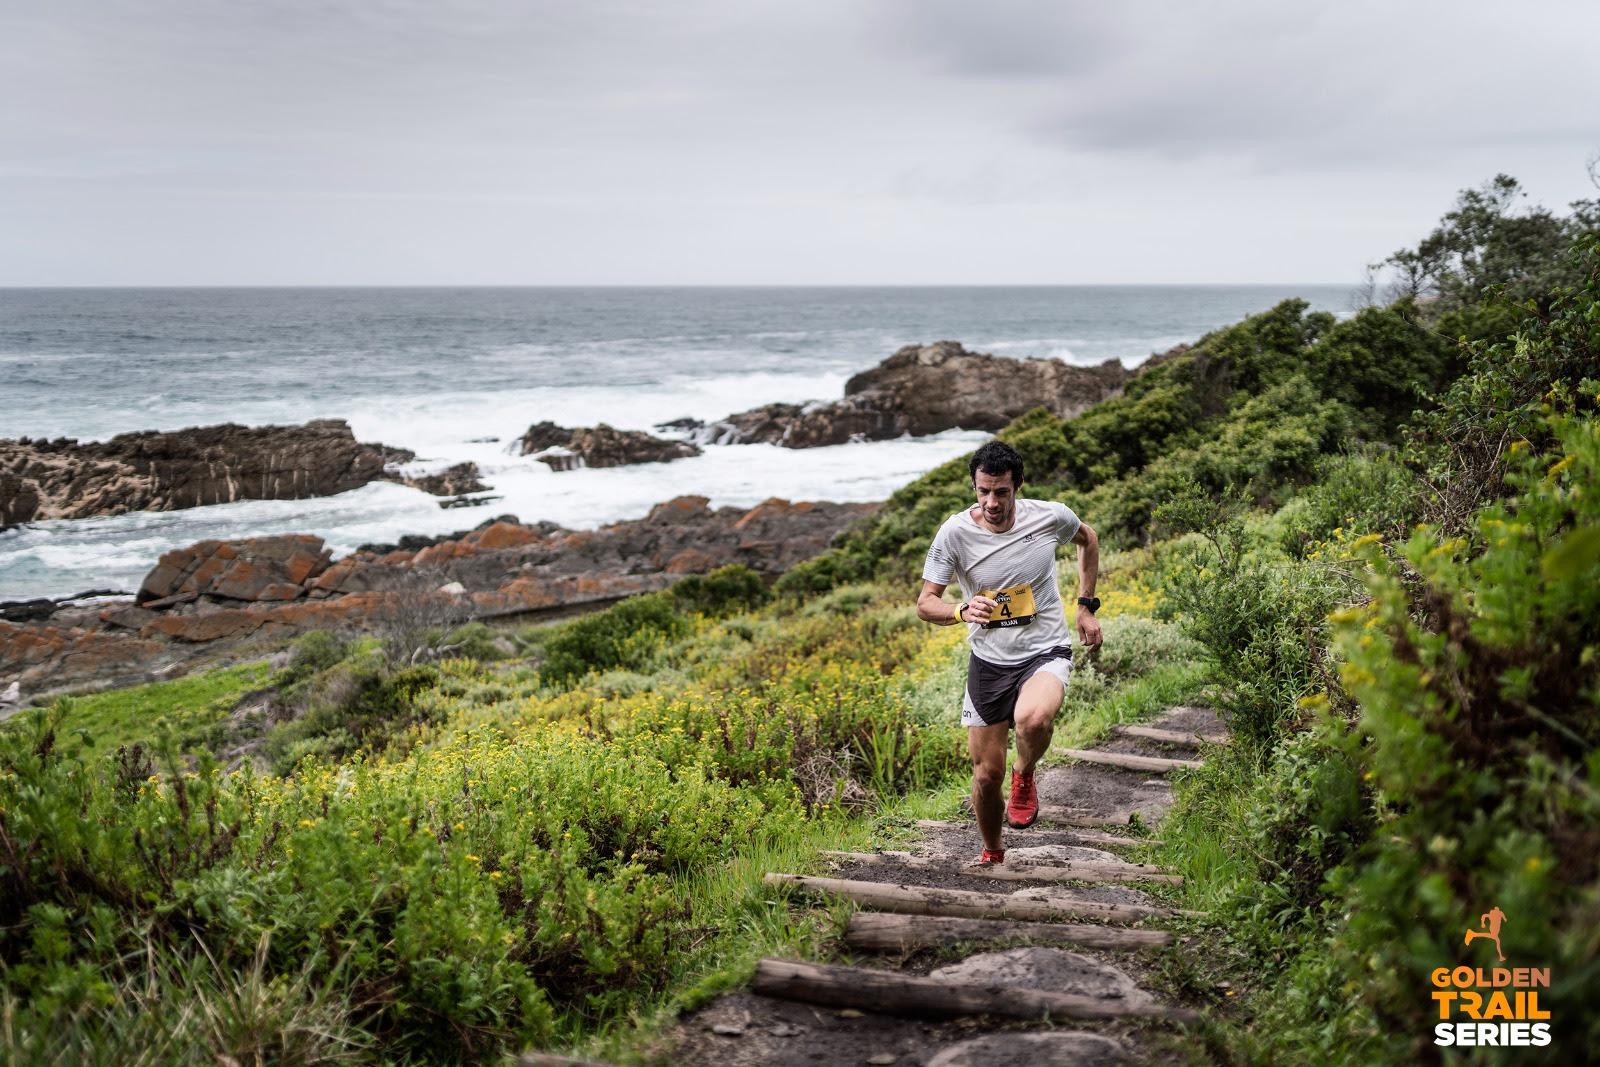 Kilian Jornet tercero en las Golden Trail Series